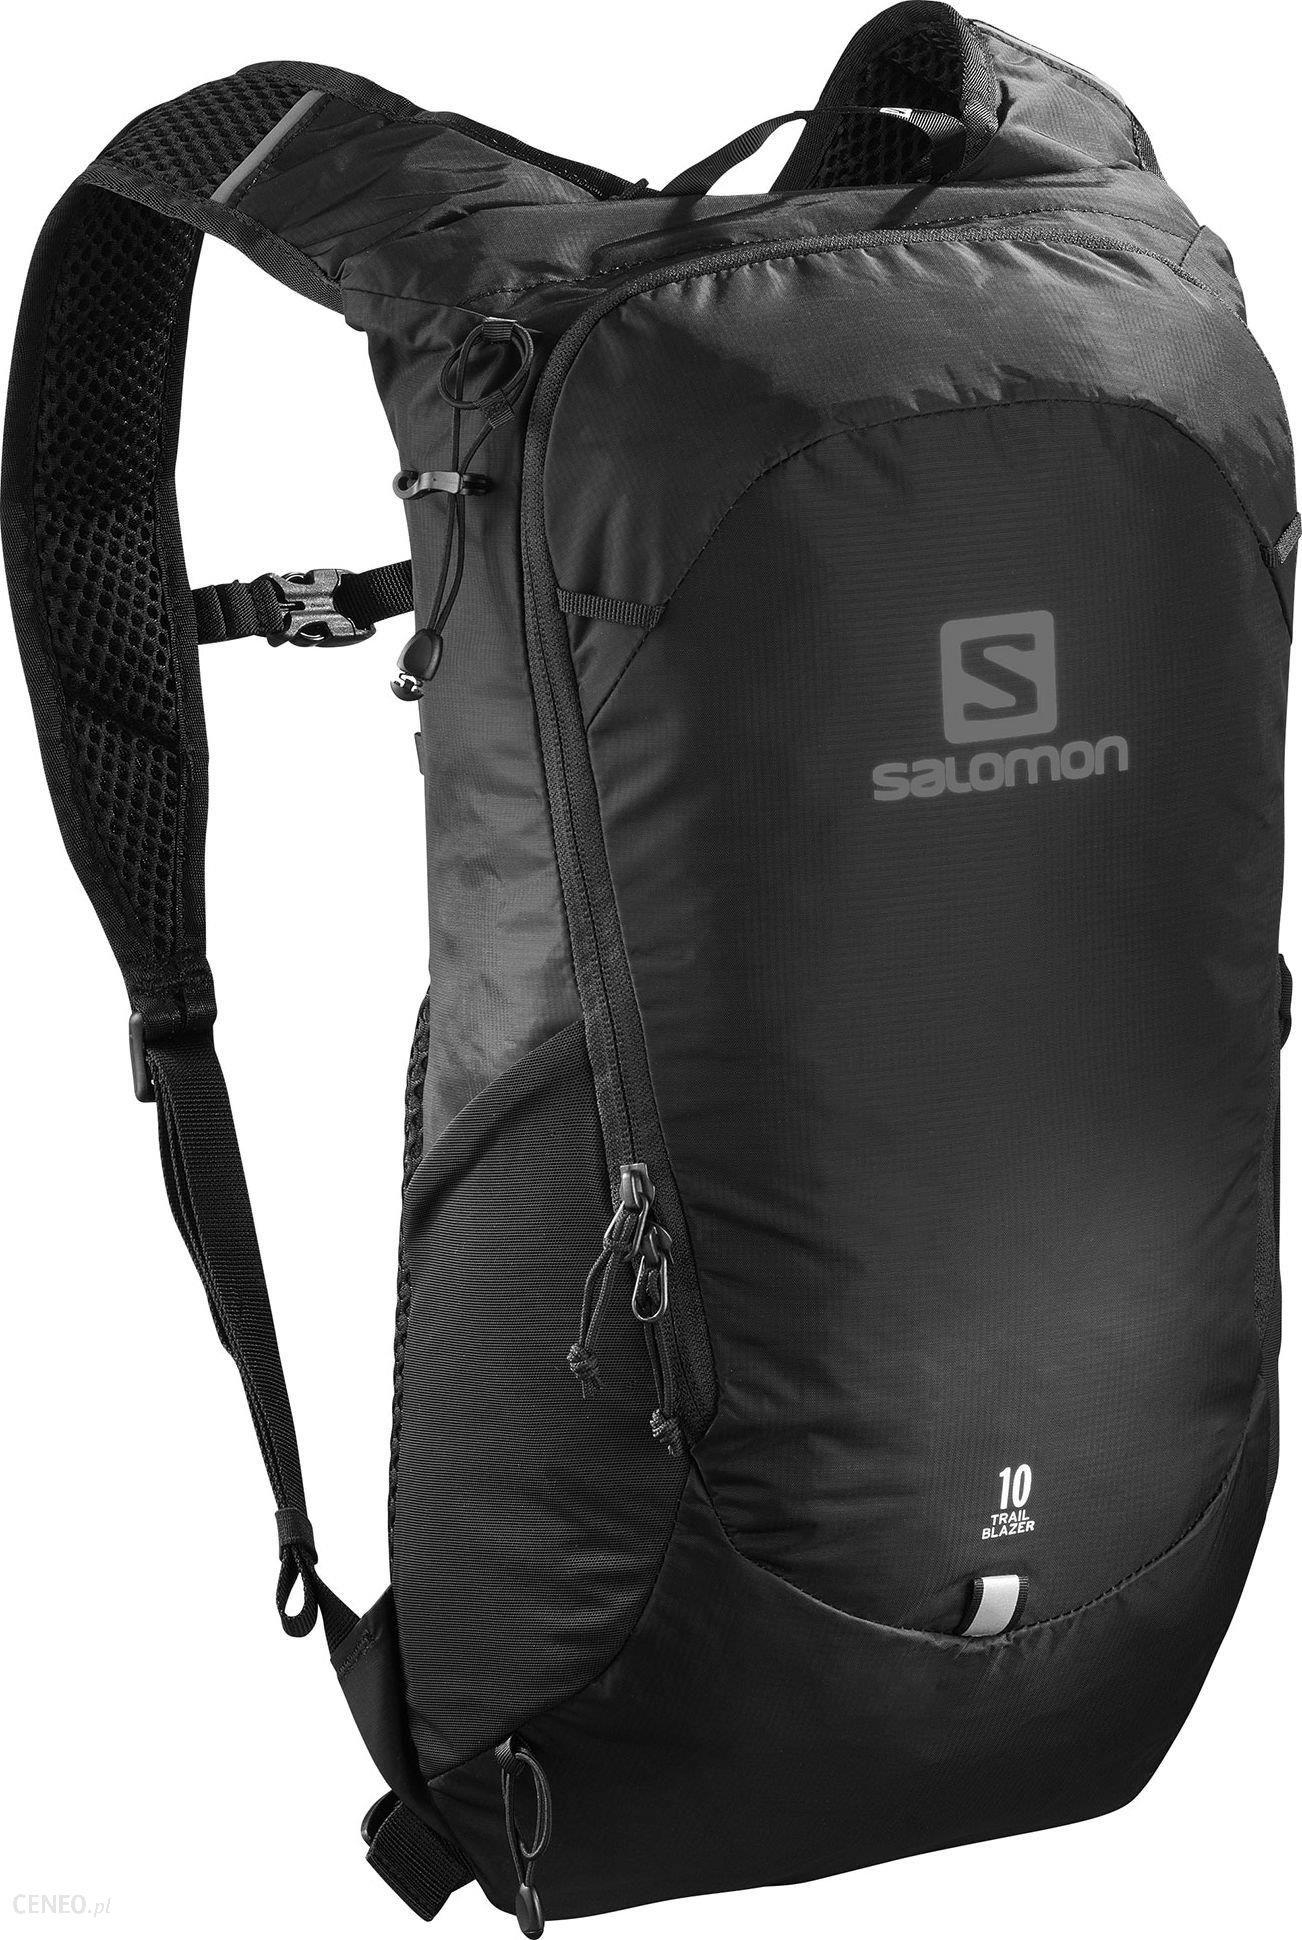 f4b9163a5ff37 Plecak Salomon Trailblazer 10L Czarny (Lc1048300) - Ceny i opinie ...